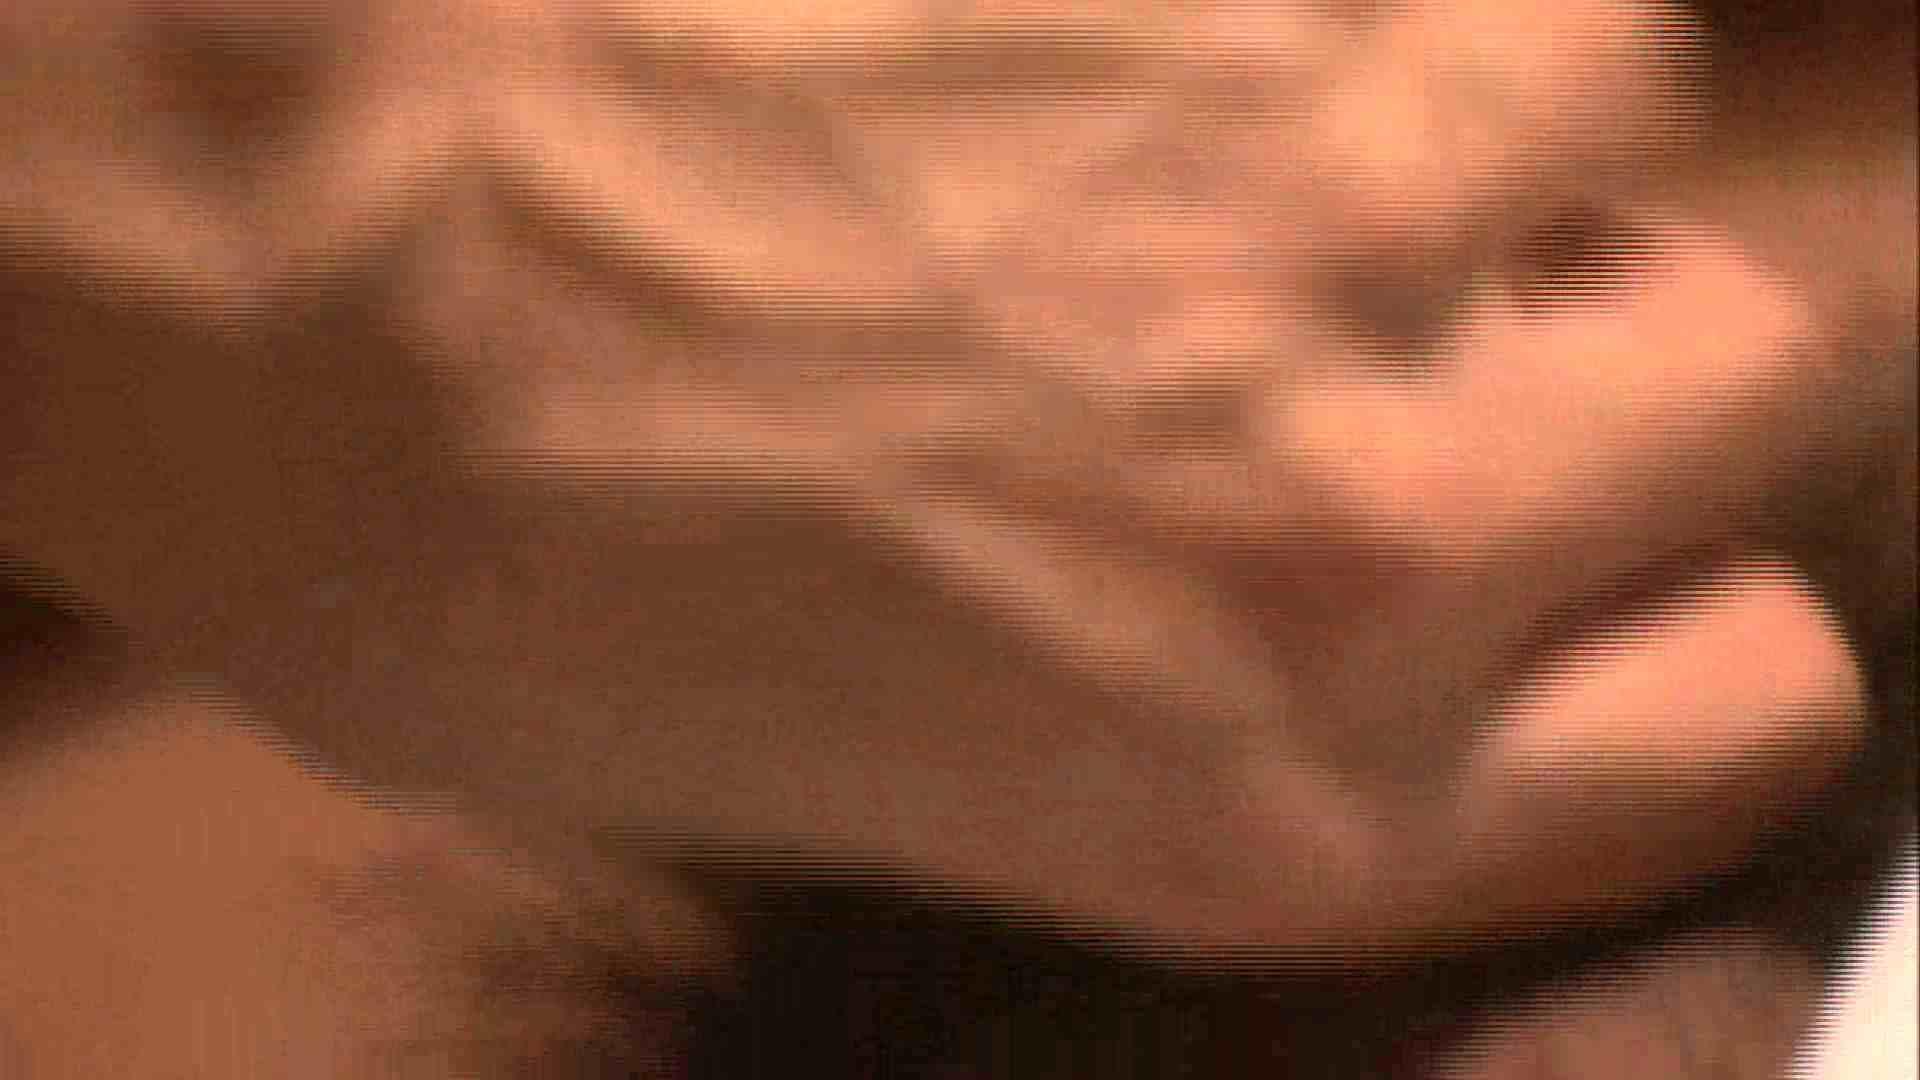 ヤリヤリ野郎共倶楽部vol.7前編 ゲイのオナニー ゲイ精子画像 10画像 3